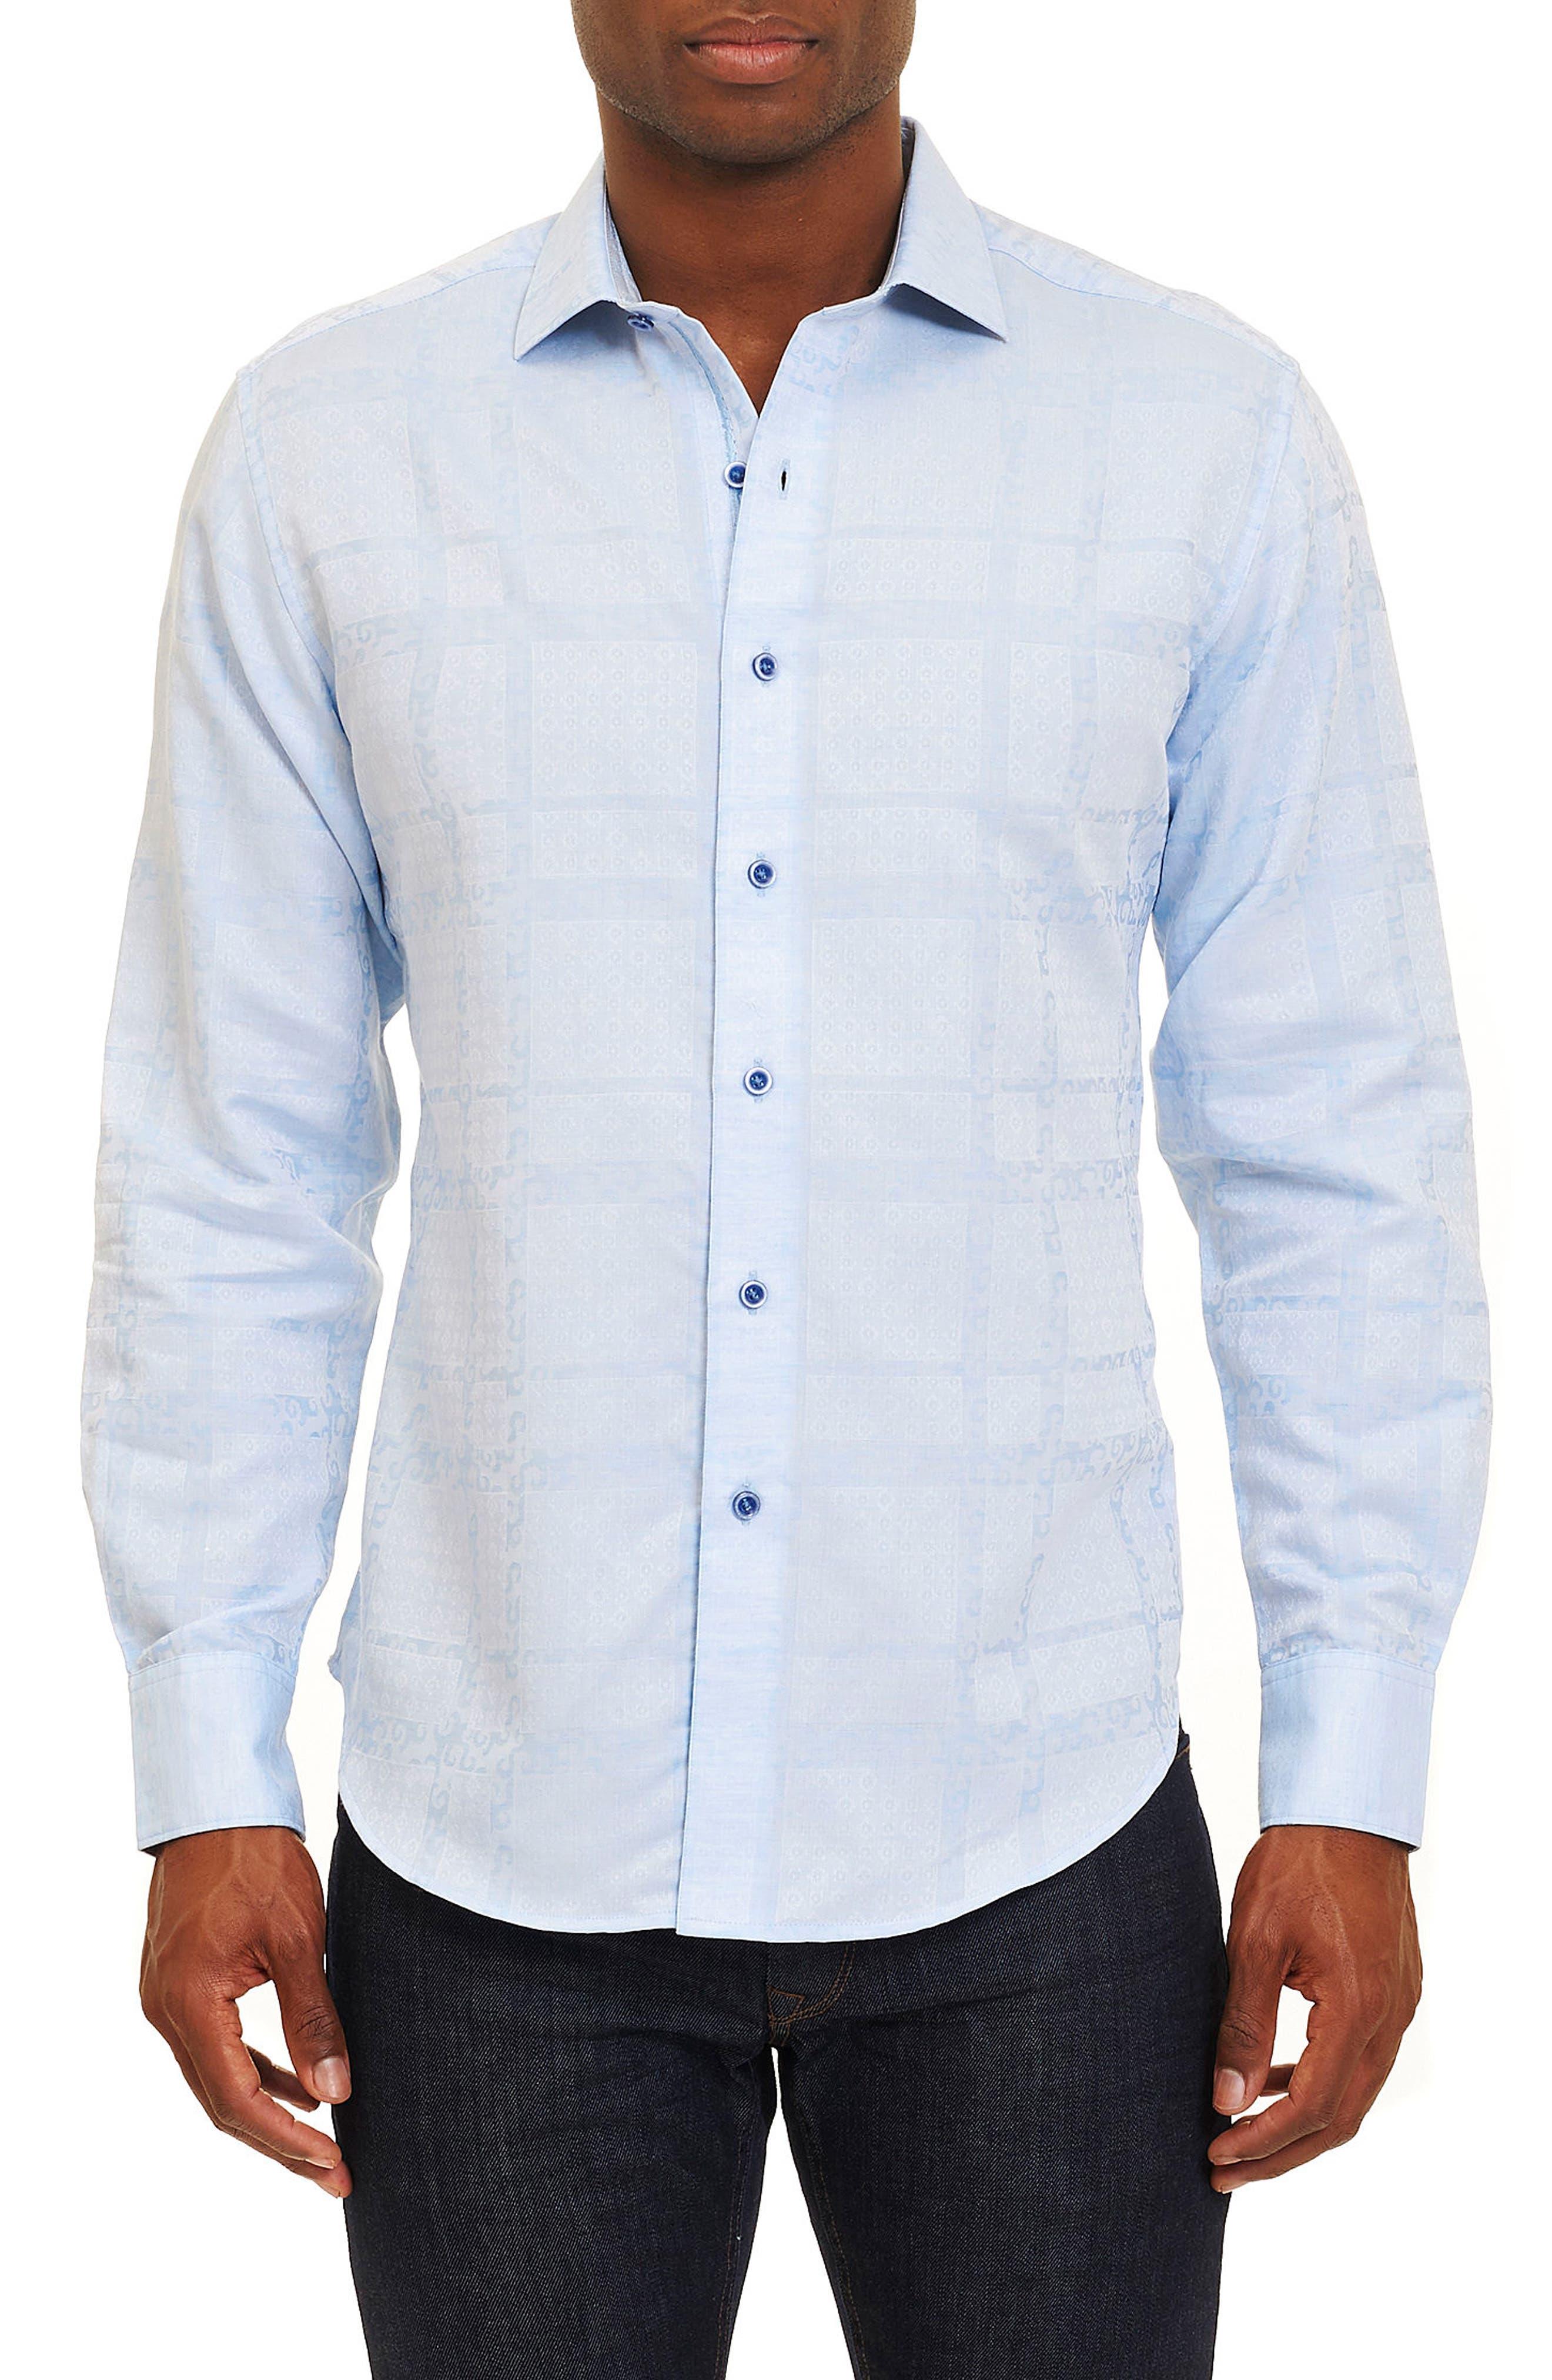 ROBERT GRAHAM Morley Sport Shirt